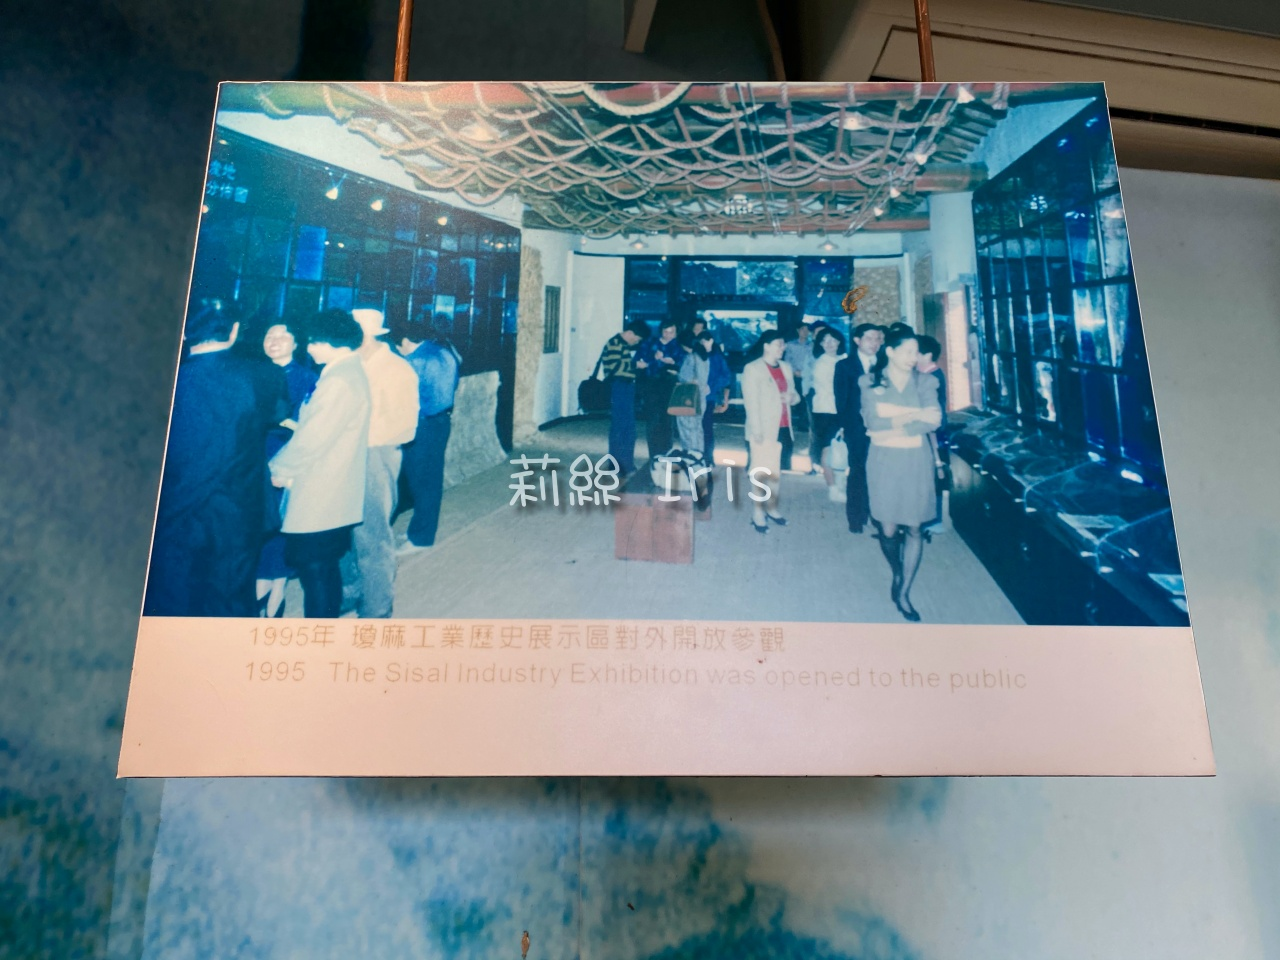 1995年,瓊麻歷史工業展示區對外開放參觀